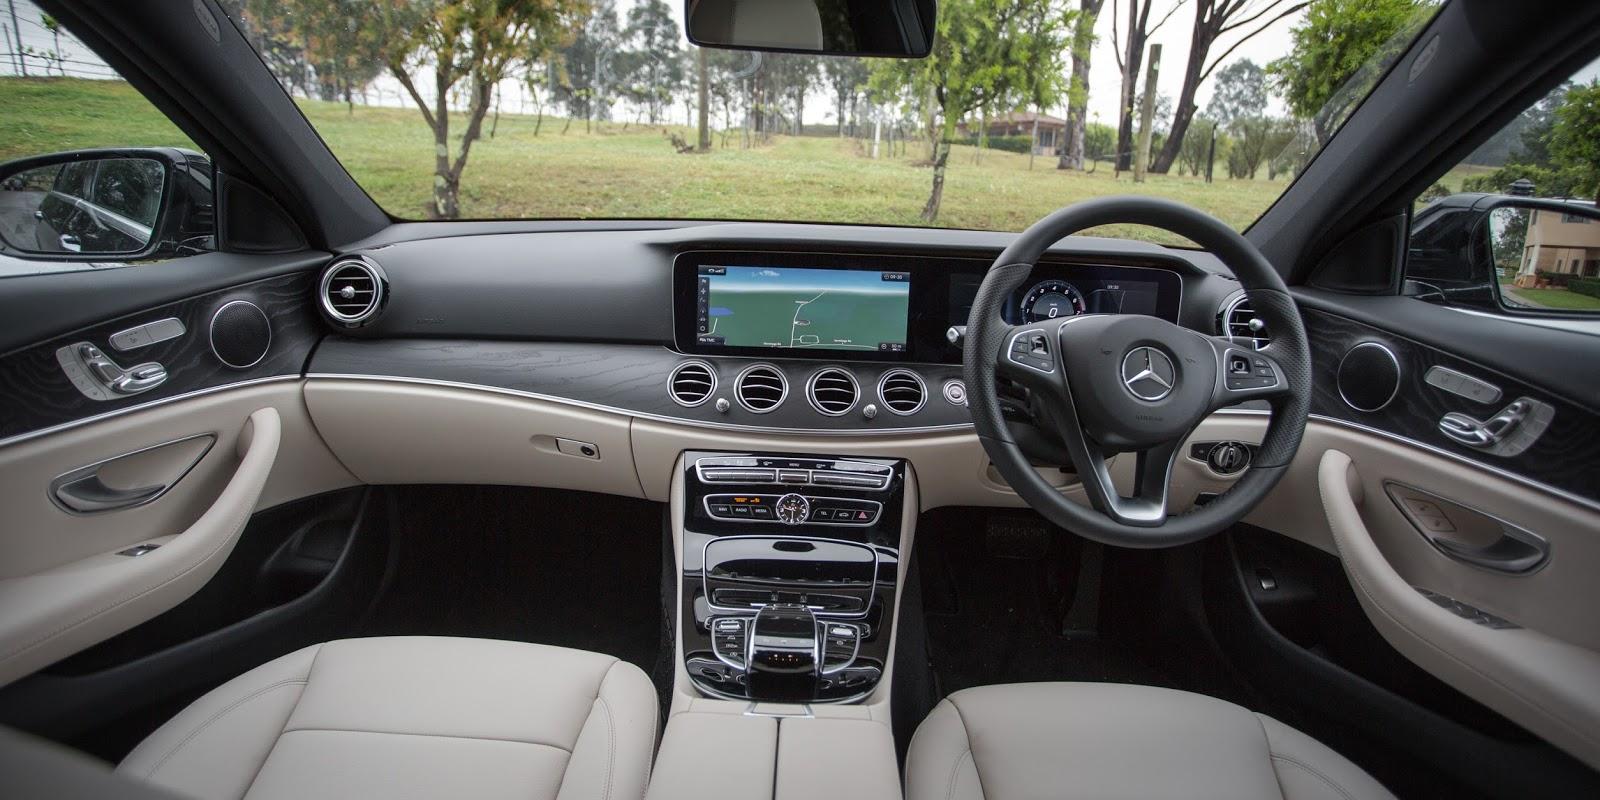 Khoang điều khiển của Mercedes Benz E200 2017 thực sự quá ấn tượng